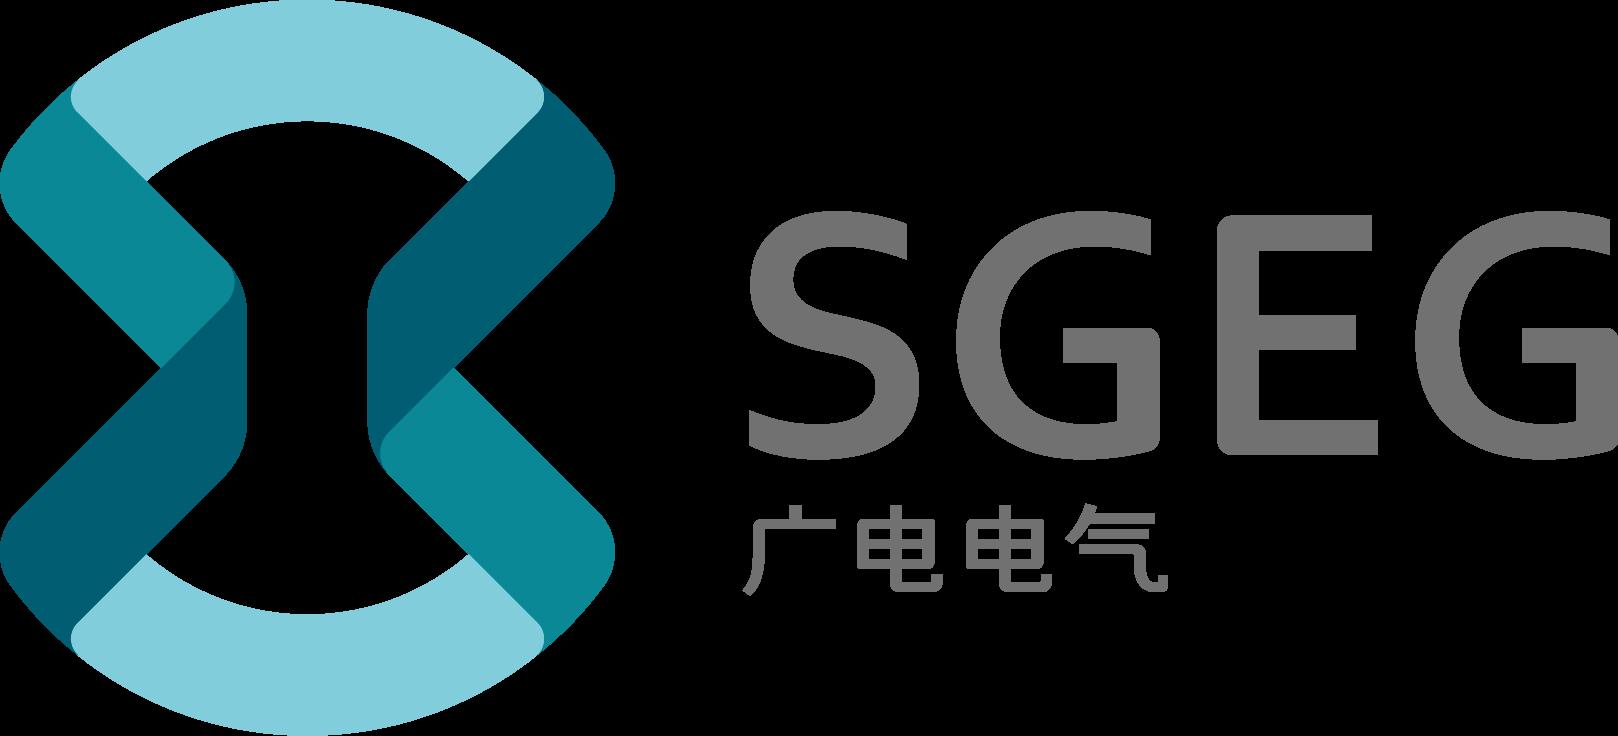 上海广电电气(集团)股份有限公司